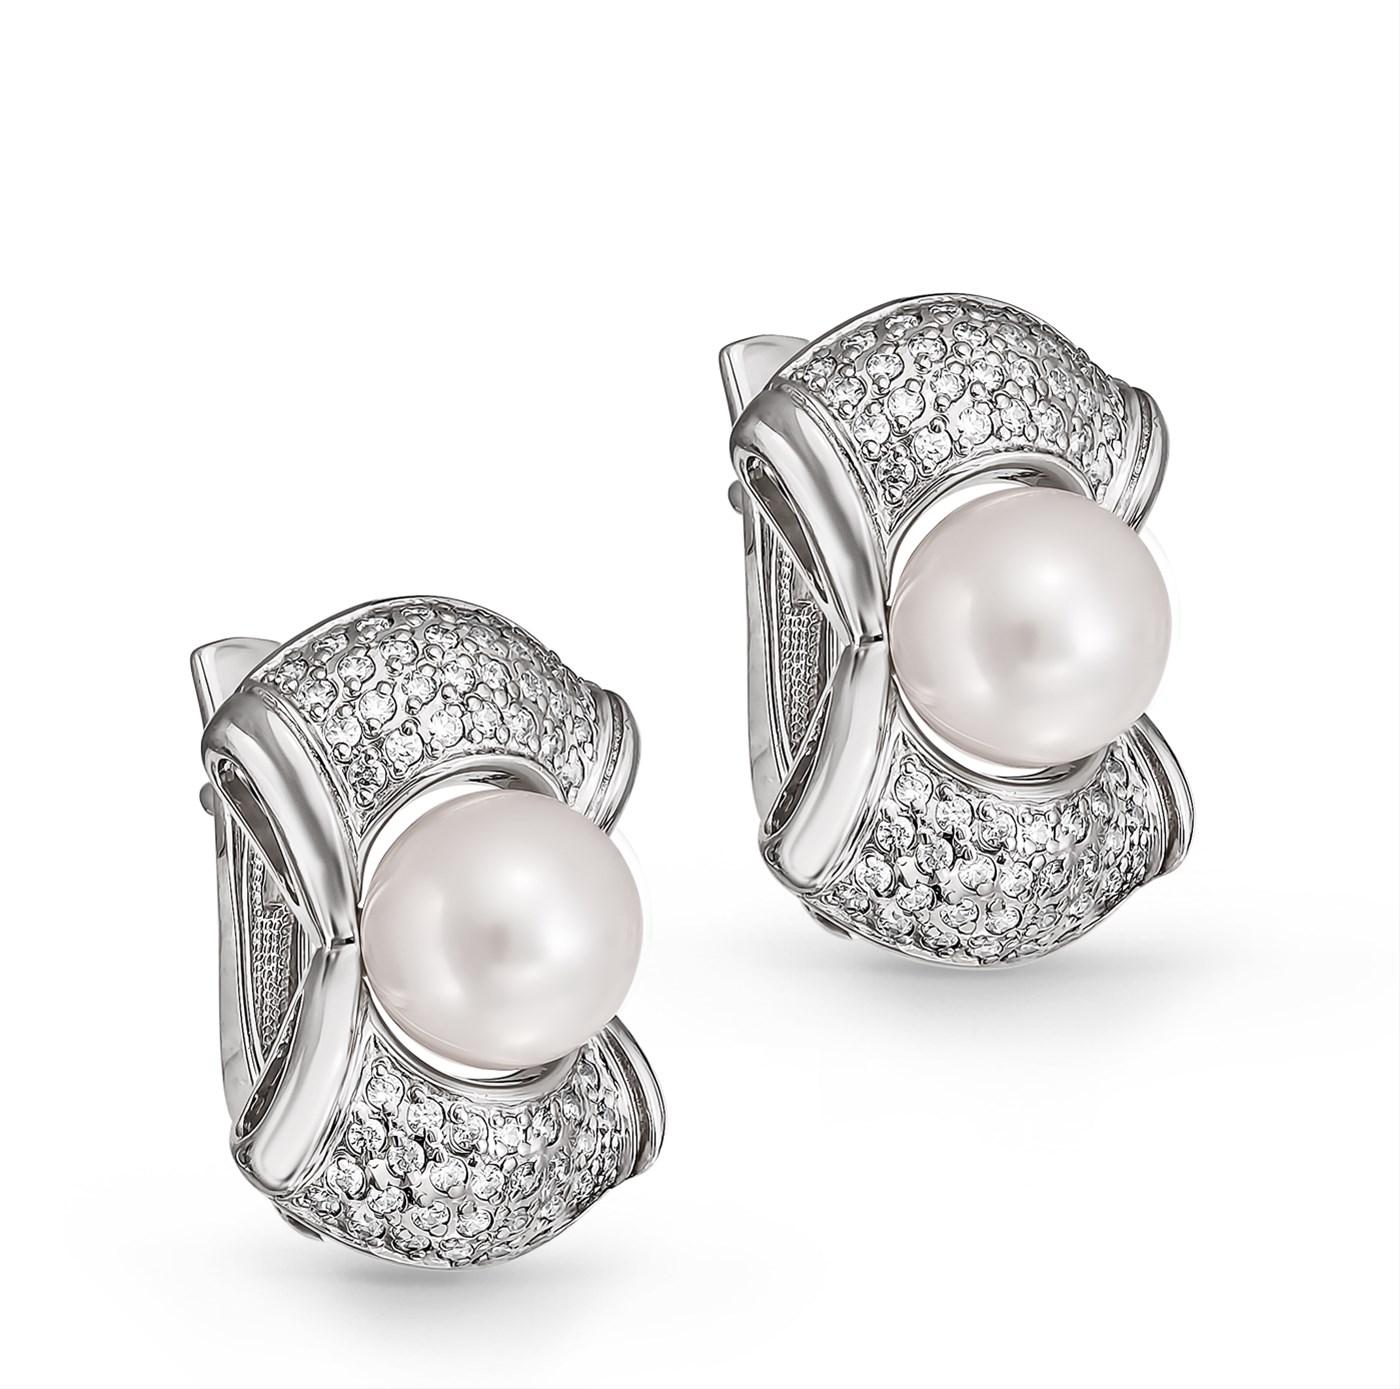 Серебряные серьги с жемчугом и кристаллом сваровски арт. 12-098-1500 12-098-1500